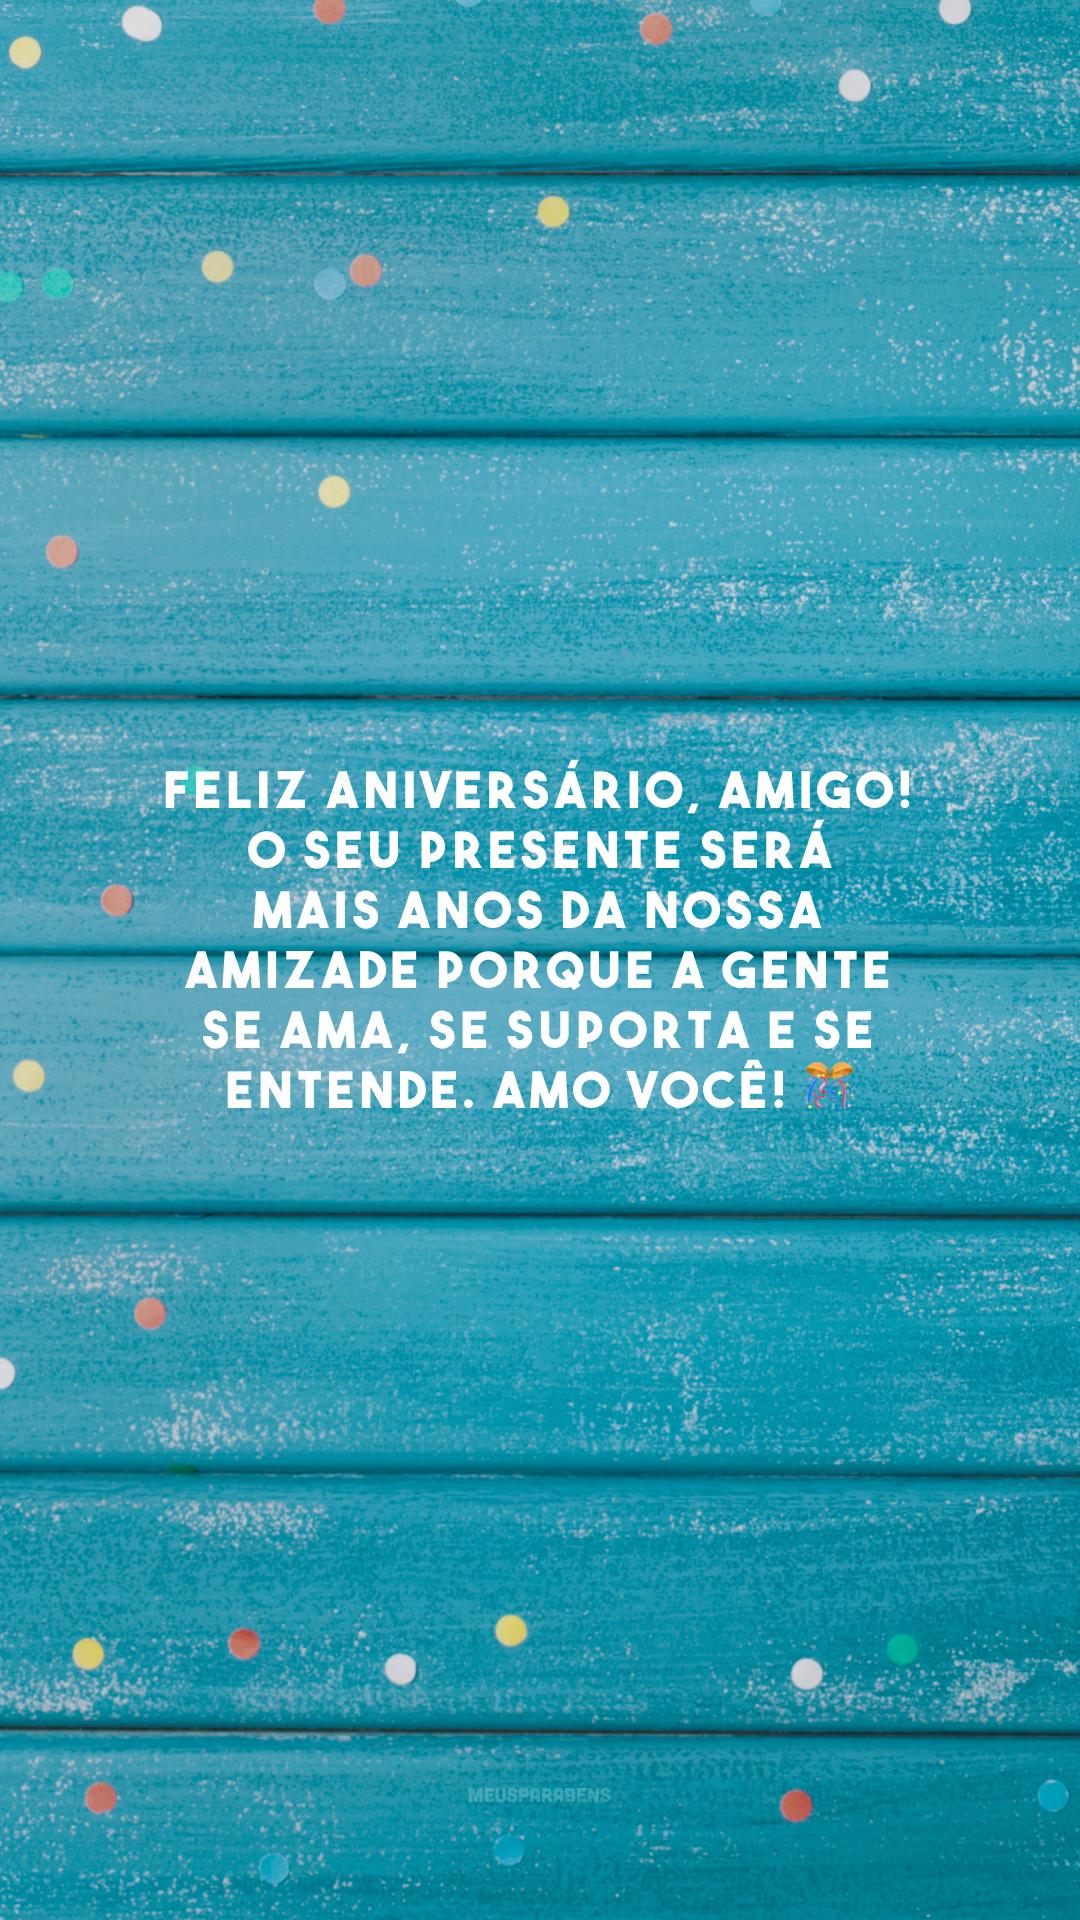 Feliz aniversário, amigo! O seu presente será mais anos da nossa amizade porque a gente se ama, se suporta e se entende. Amo você! 🎊